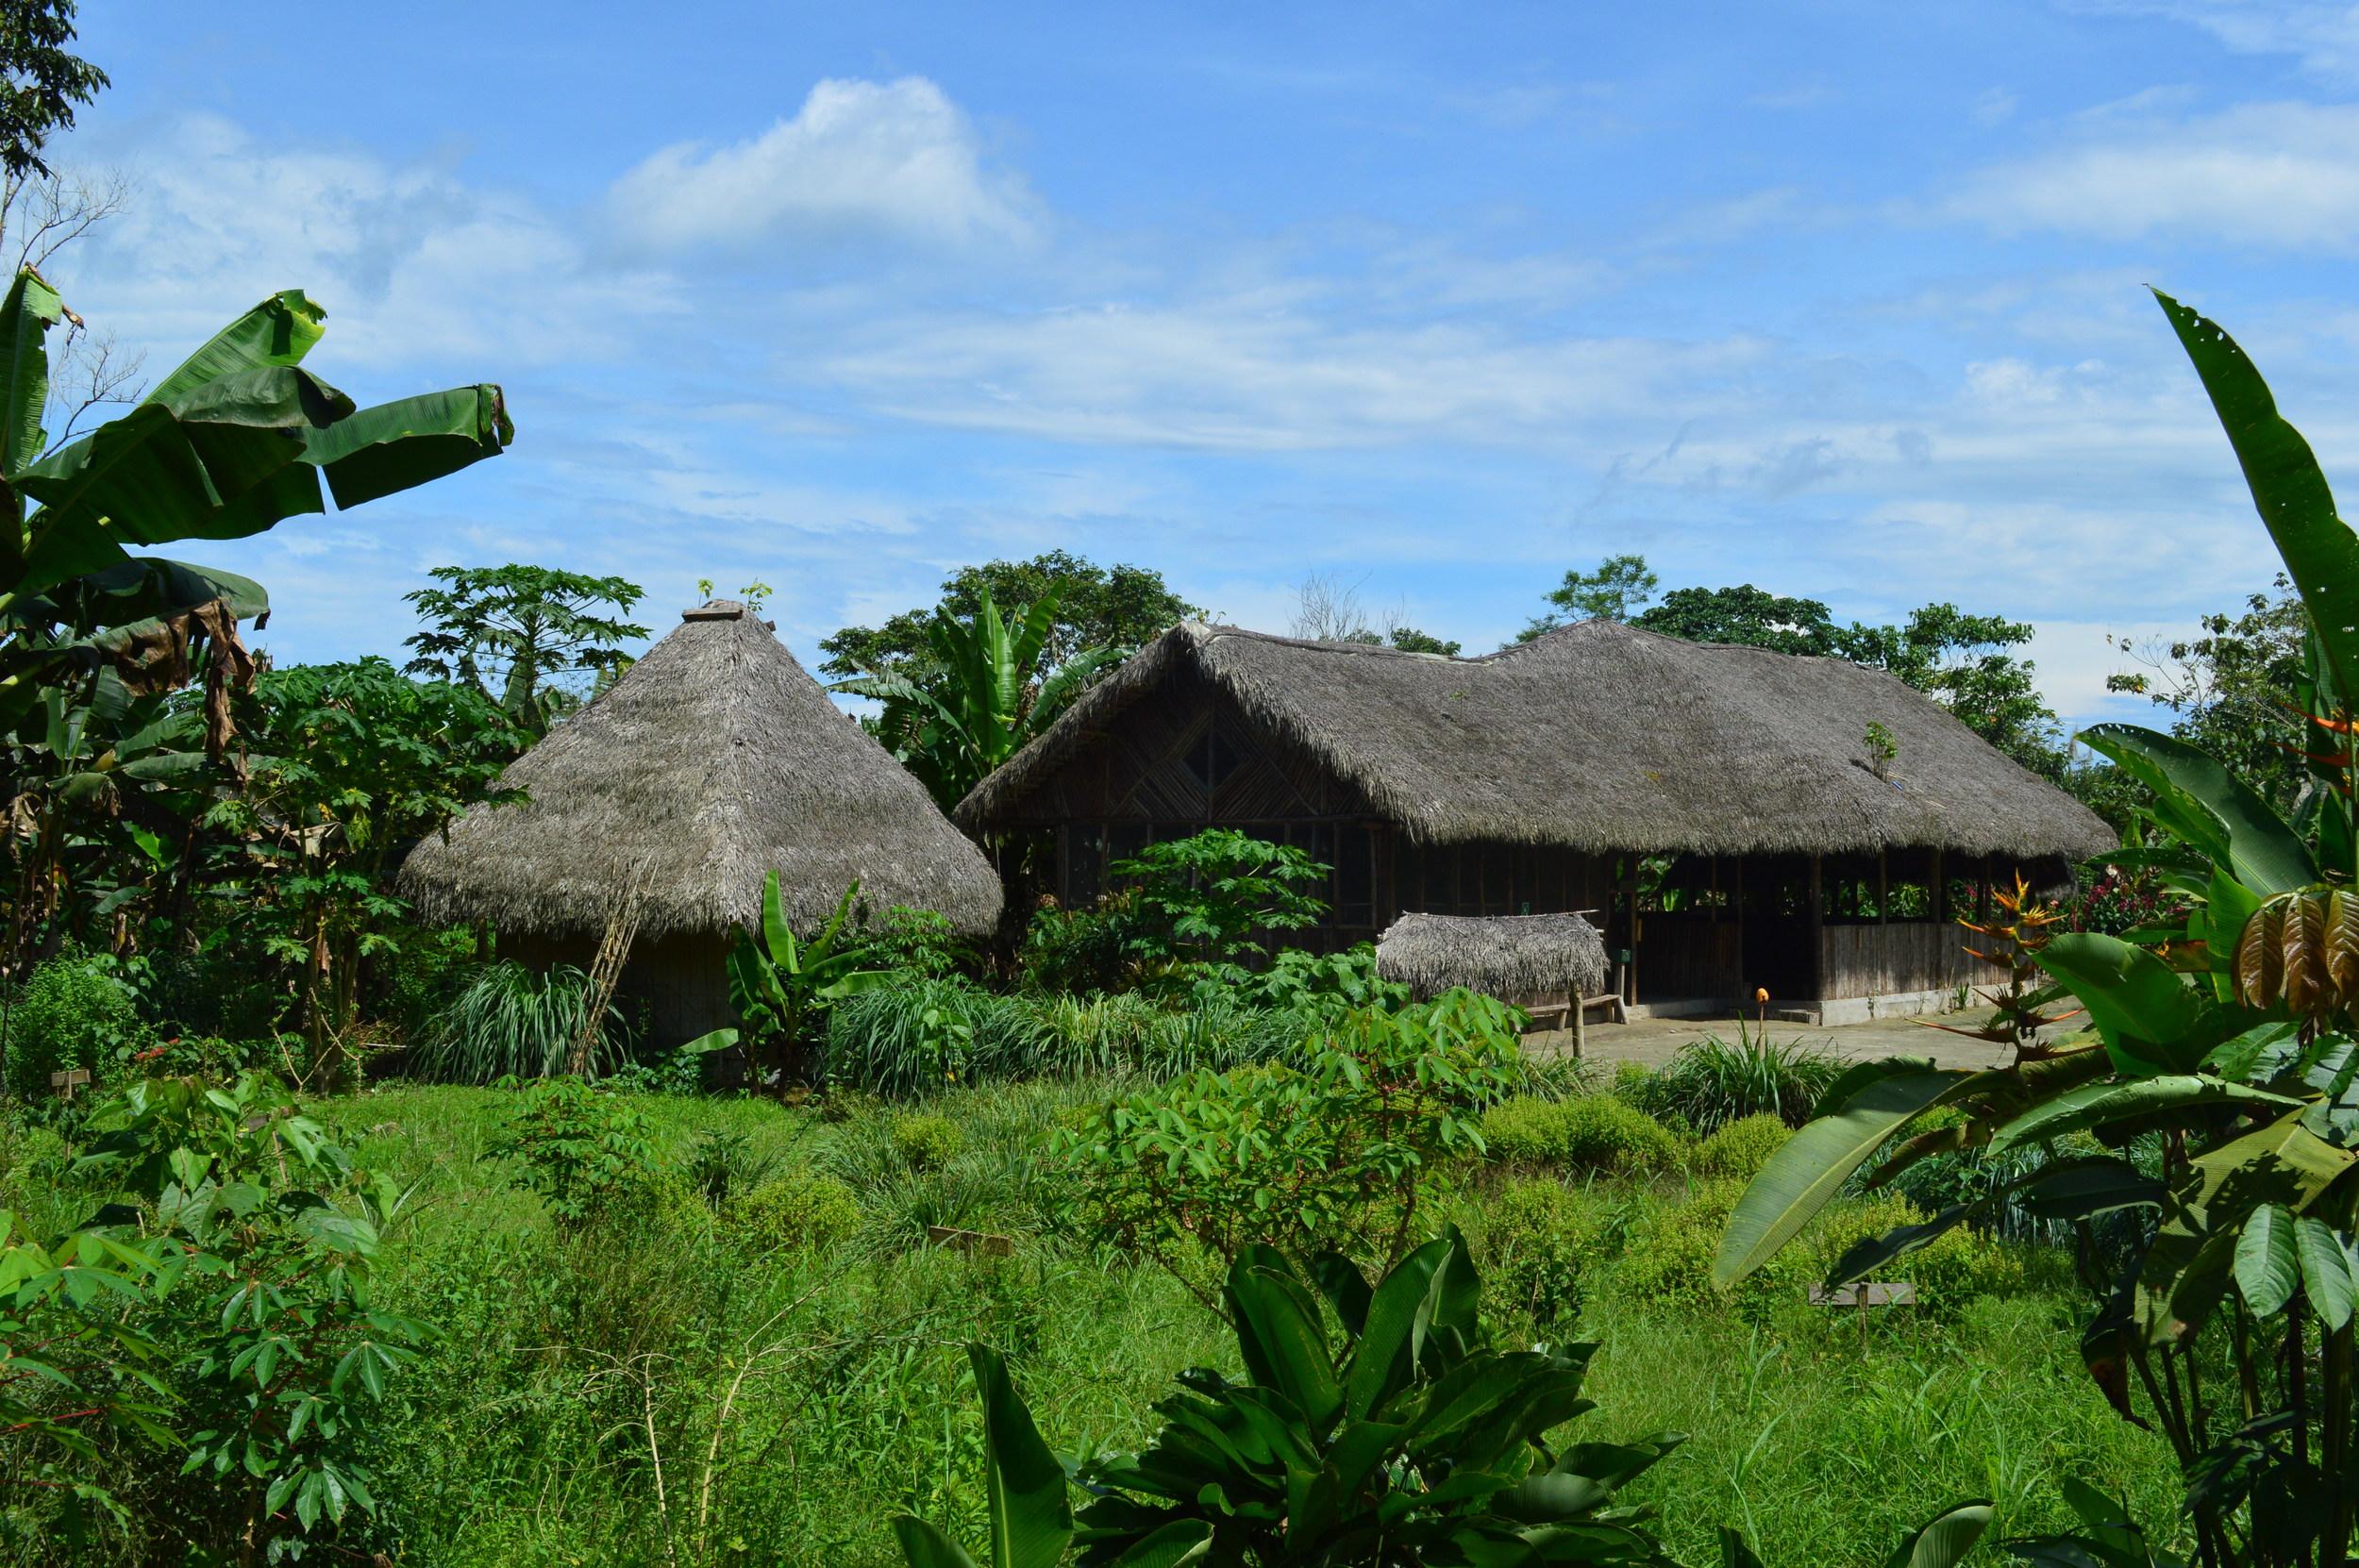 Ecuador Village Thatched Roof Landscape High Res (1).JPG